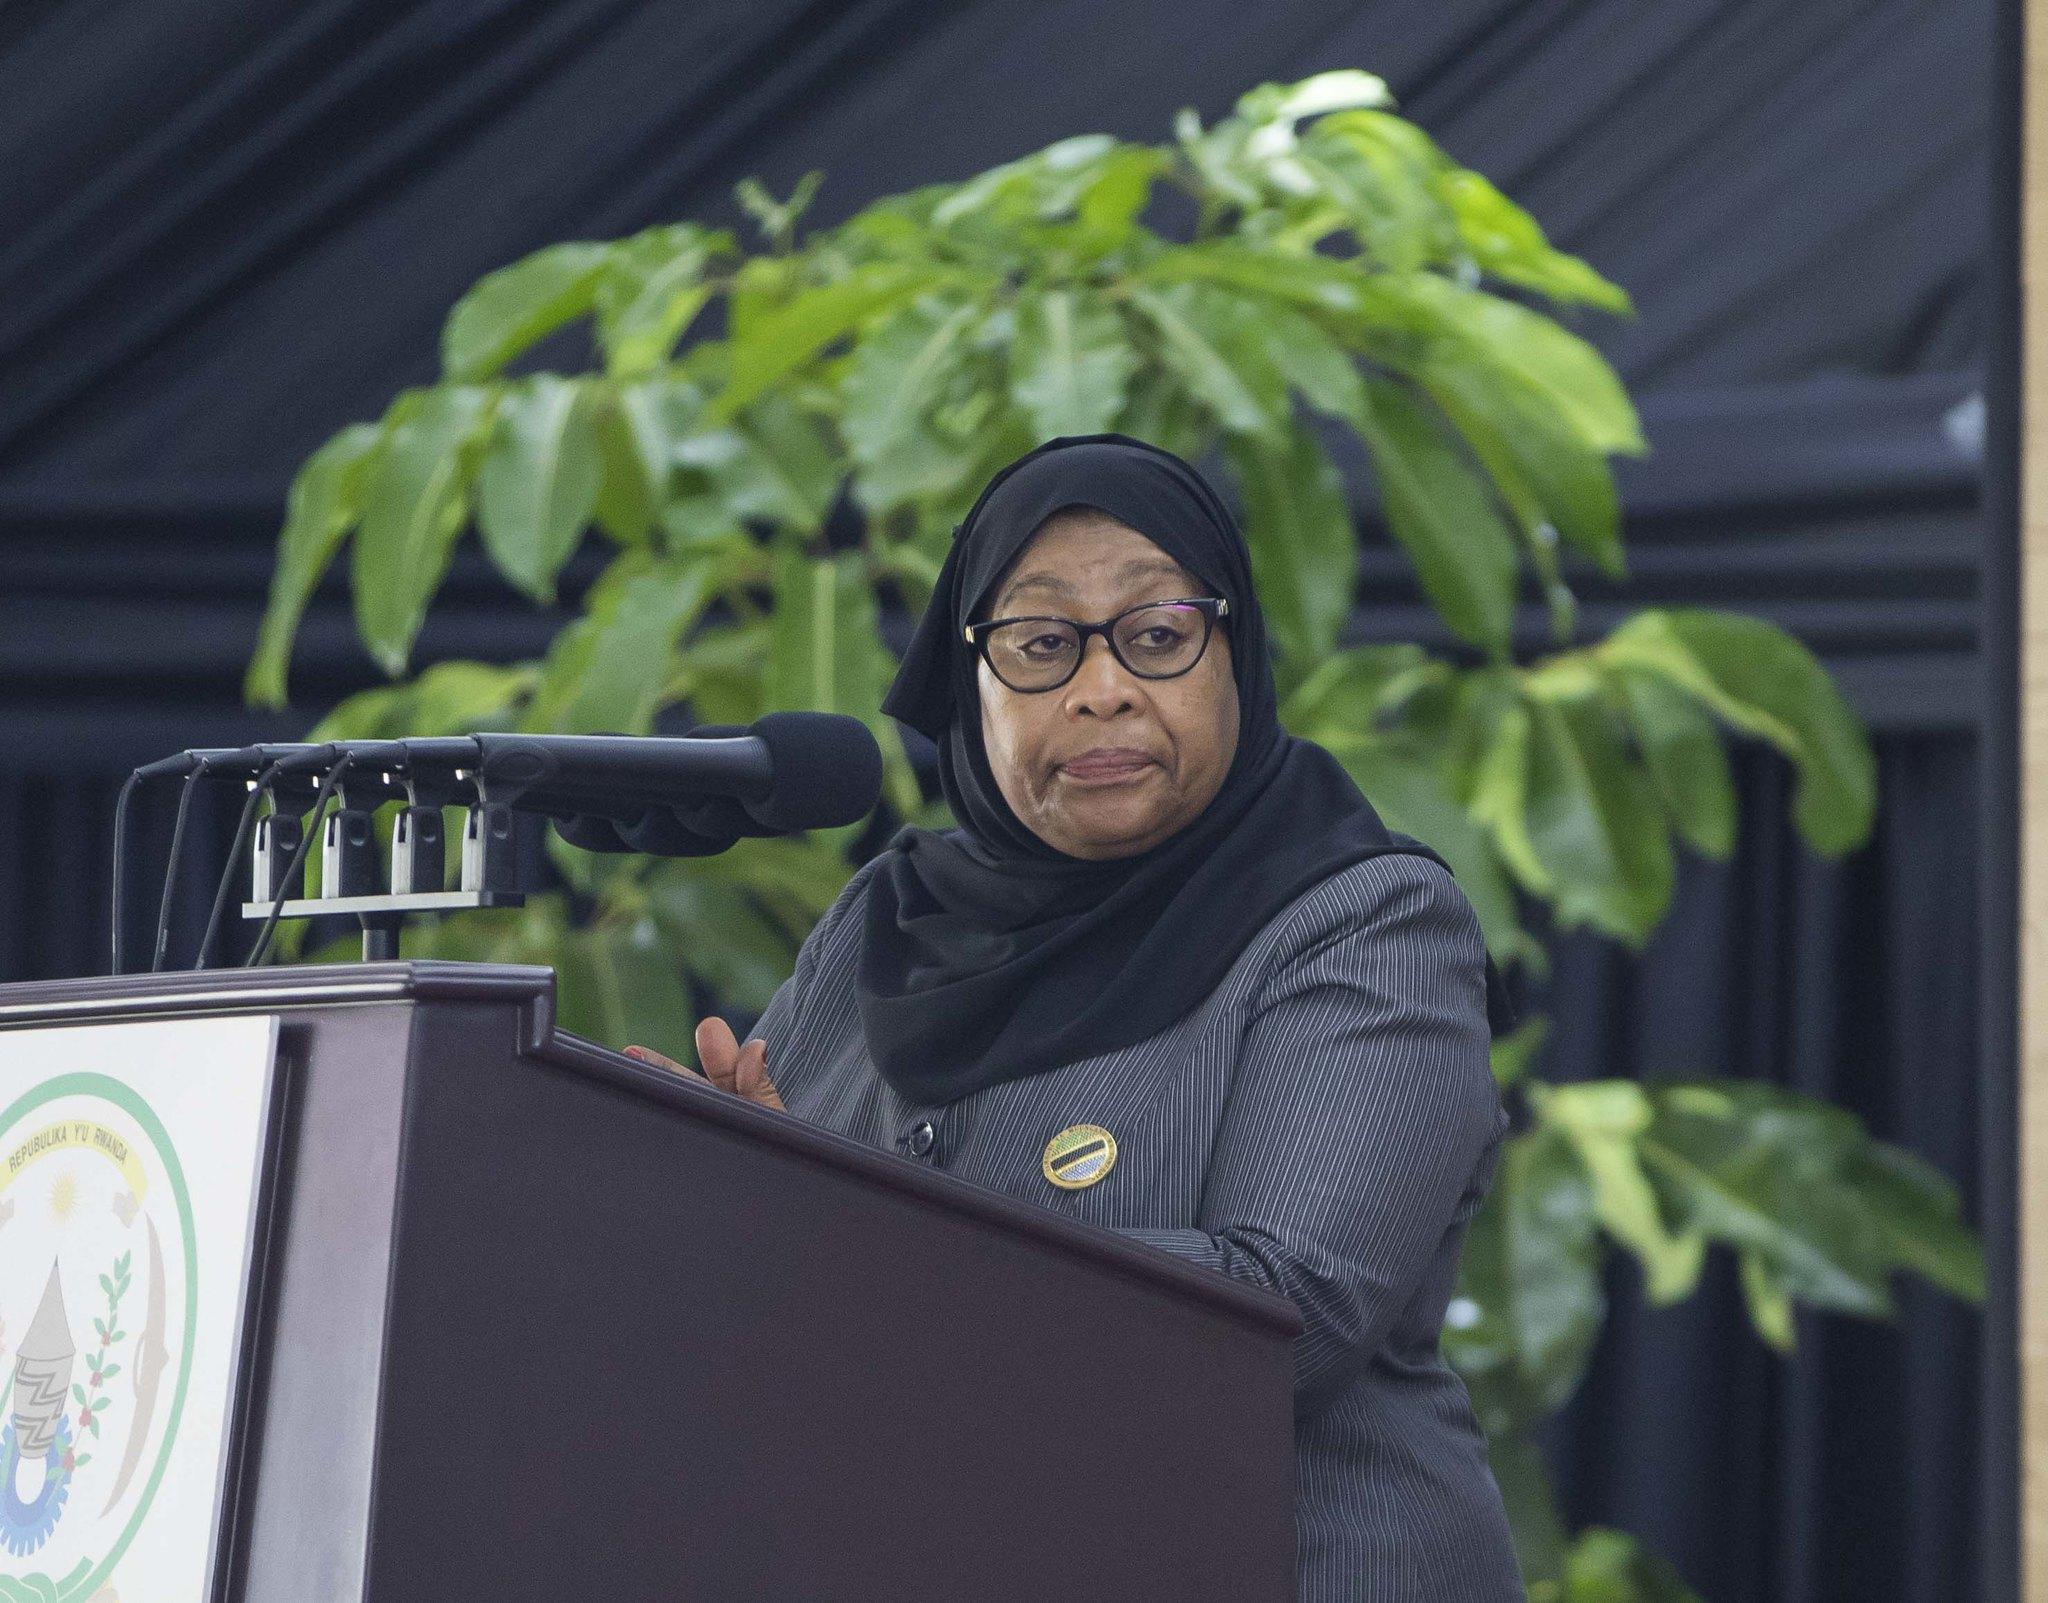 Tansanias neue Präsidentin: Mangelndes Durchsetzungsvermögen oder falsche Versprechungen?